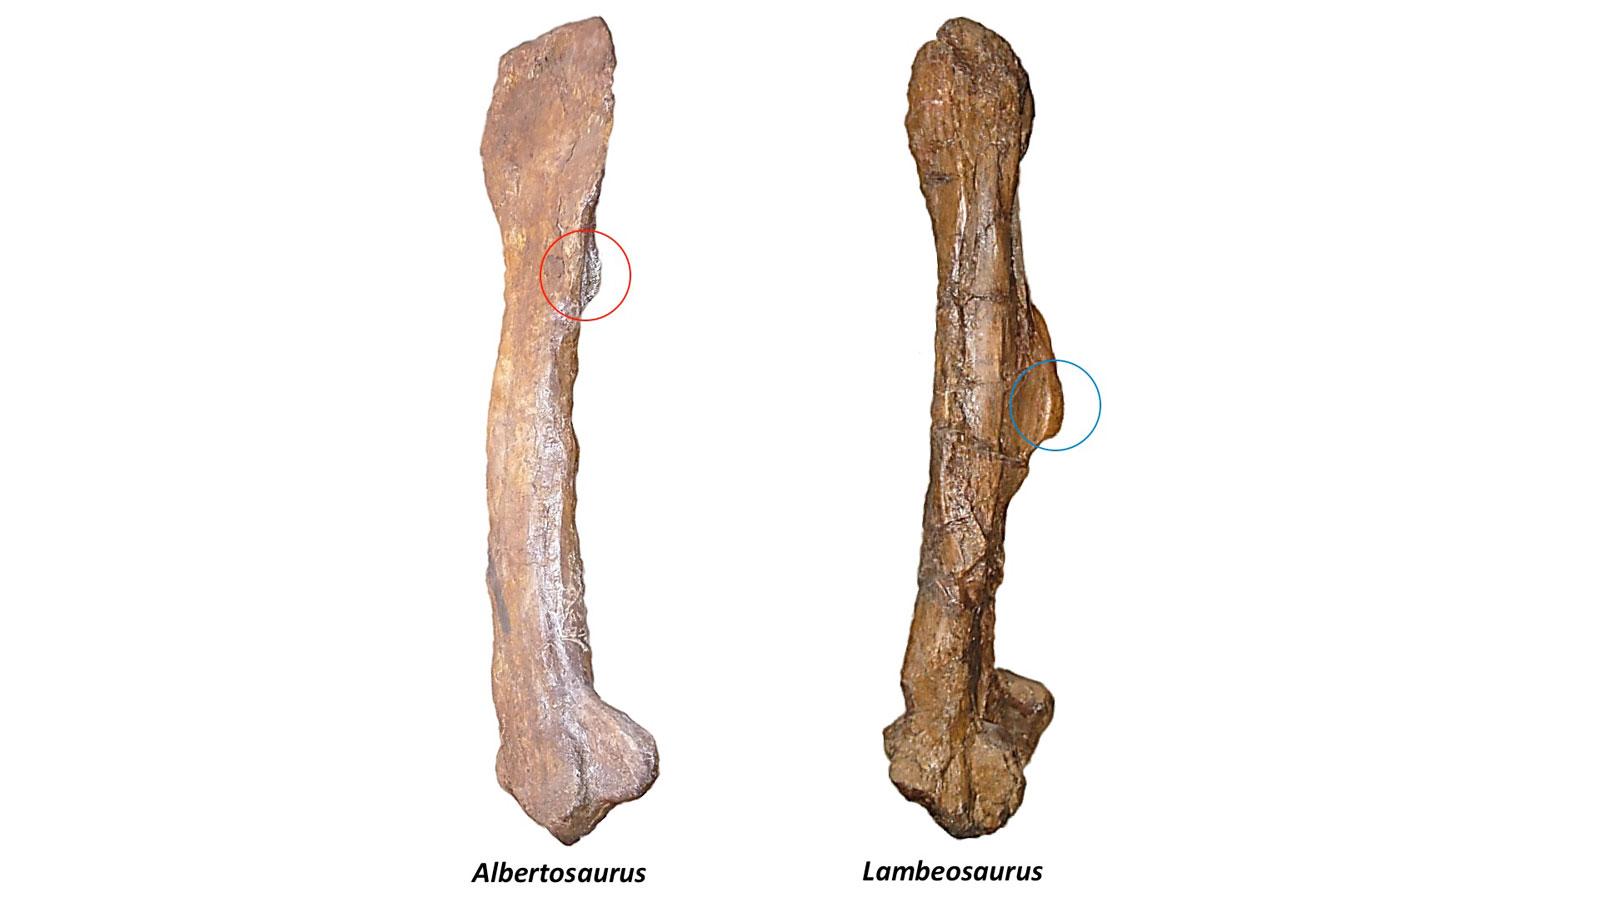 Comparison of Tyrannosaurus Rex and Albertosaurus femer bones